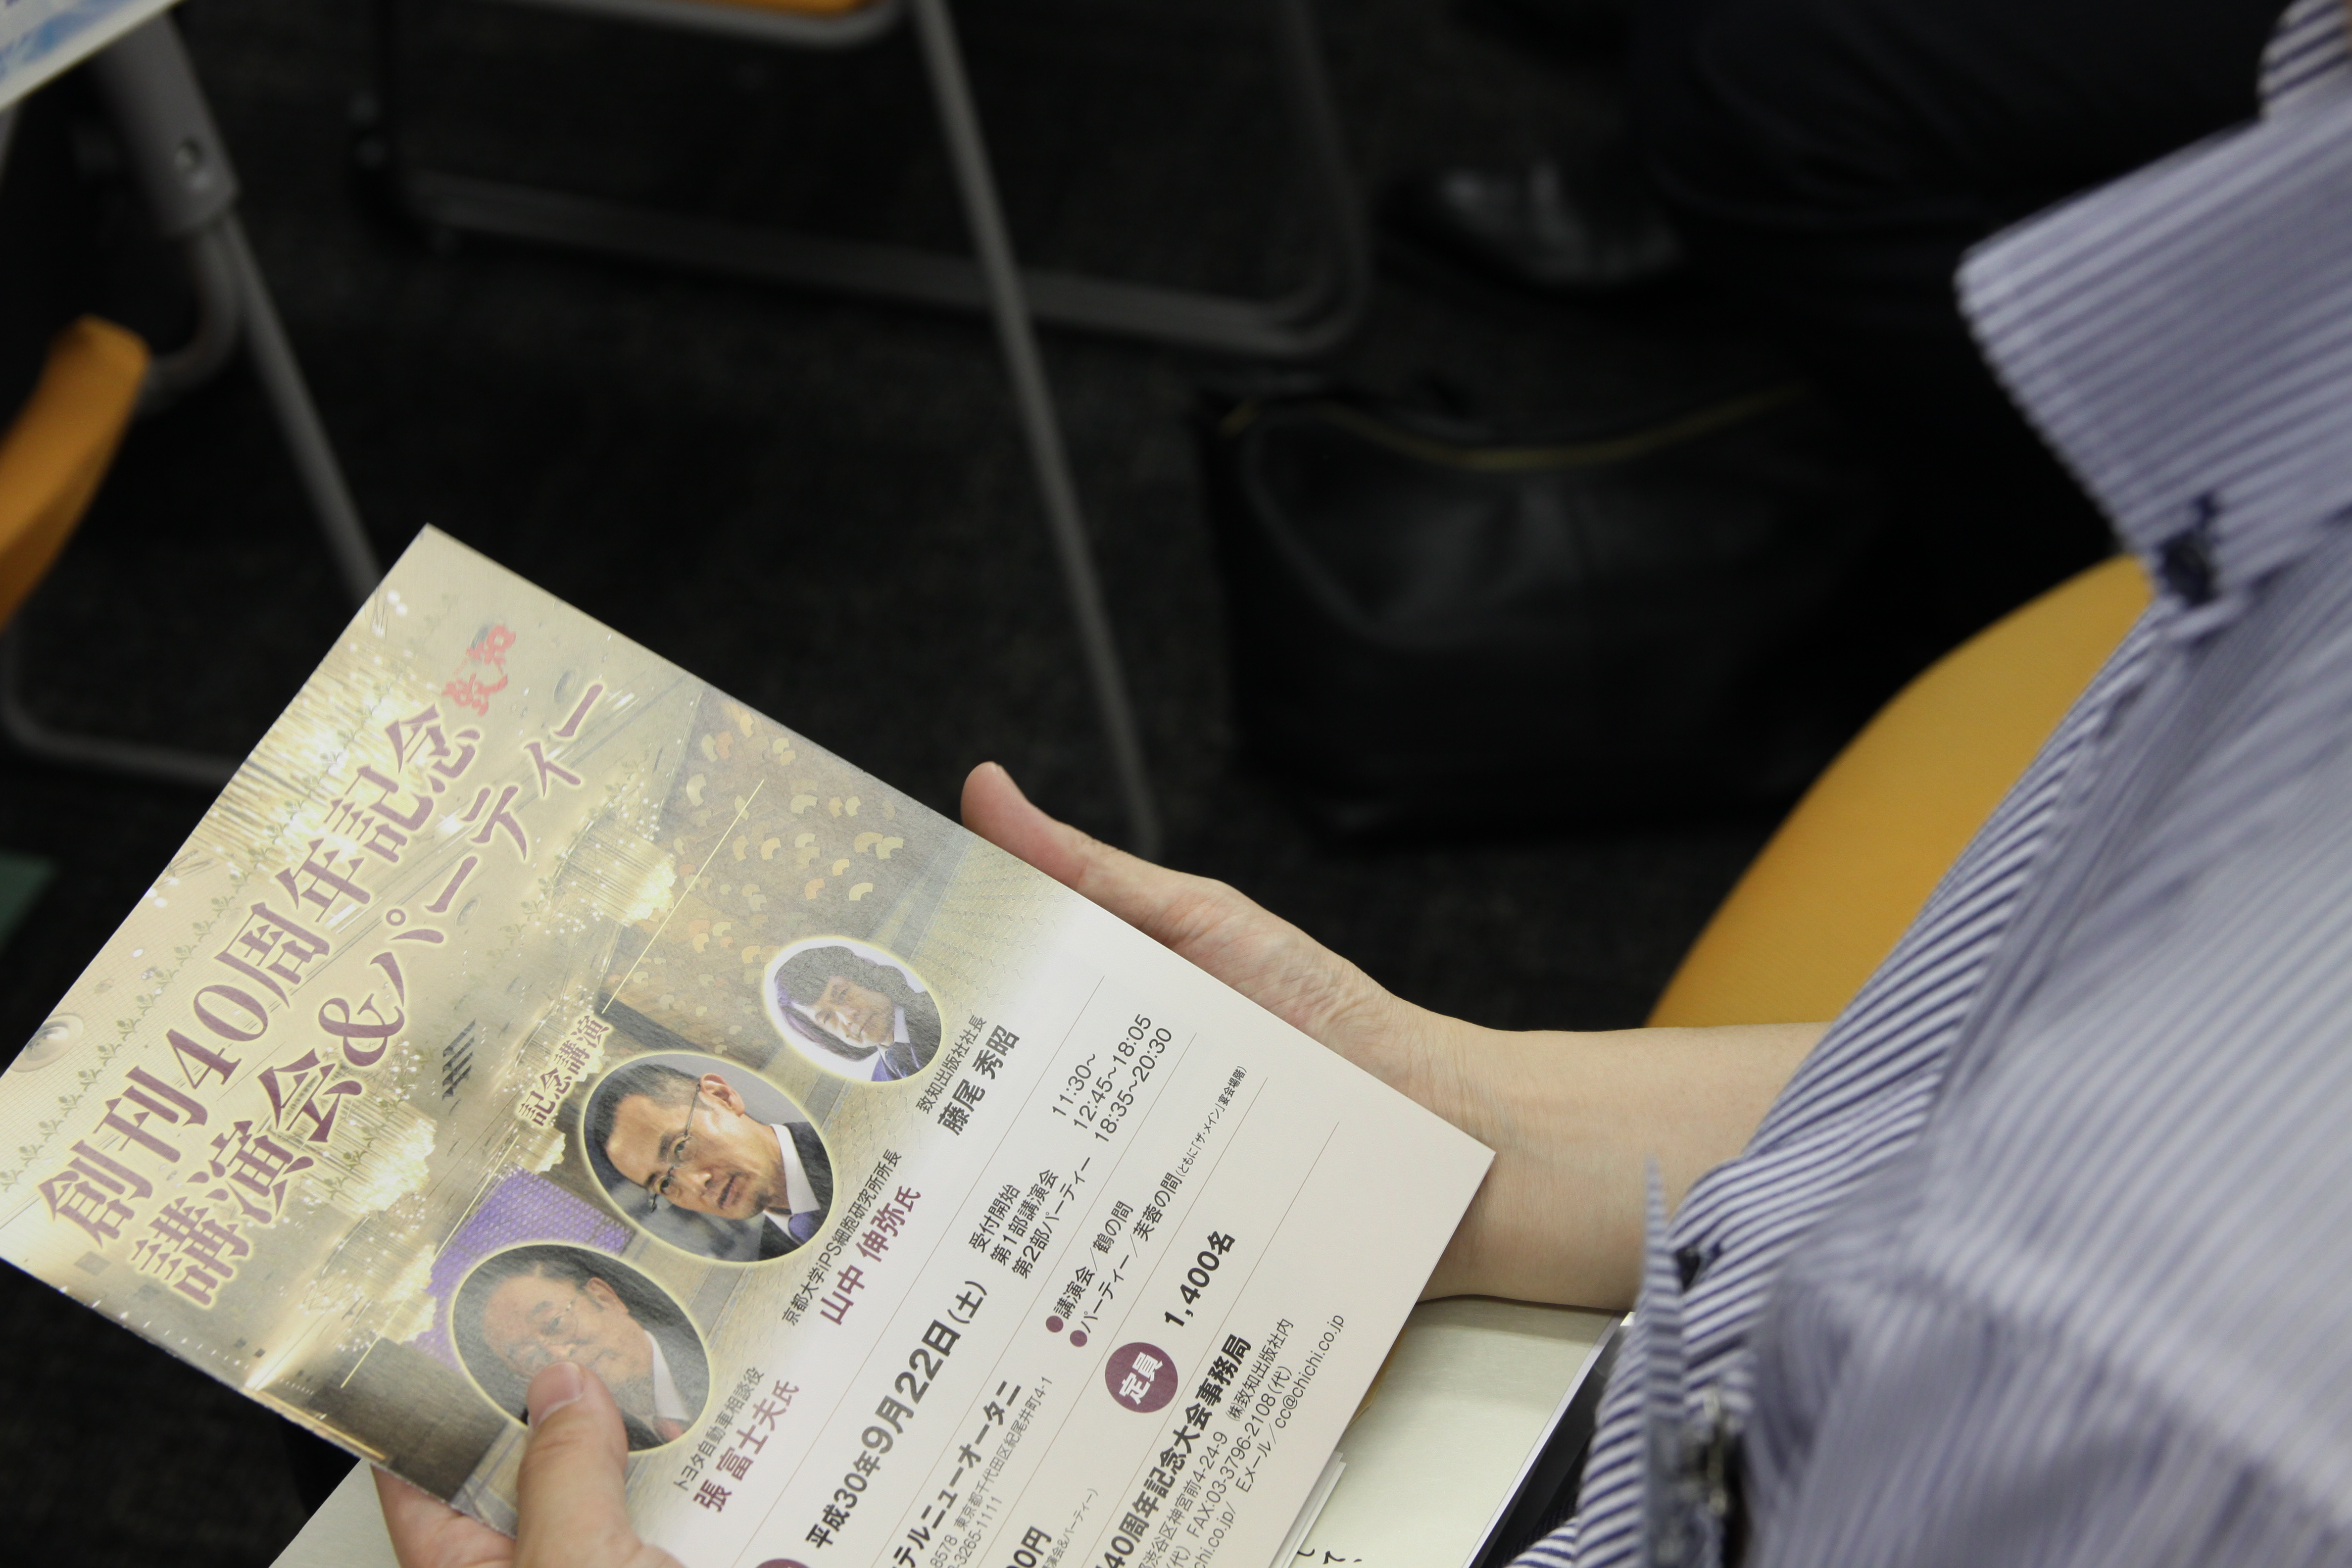 IMG 4506 - 関東若獅子の会、記念すべき第100回